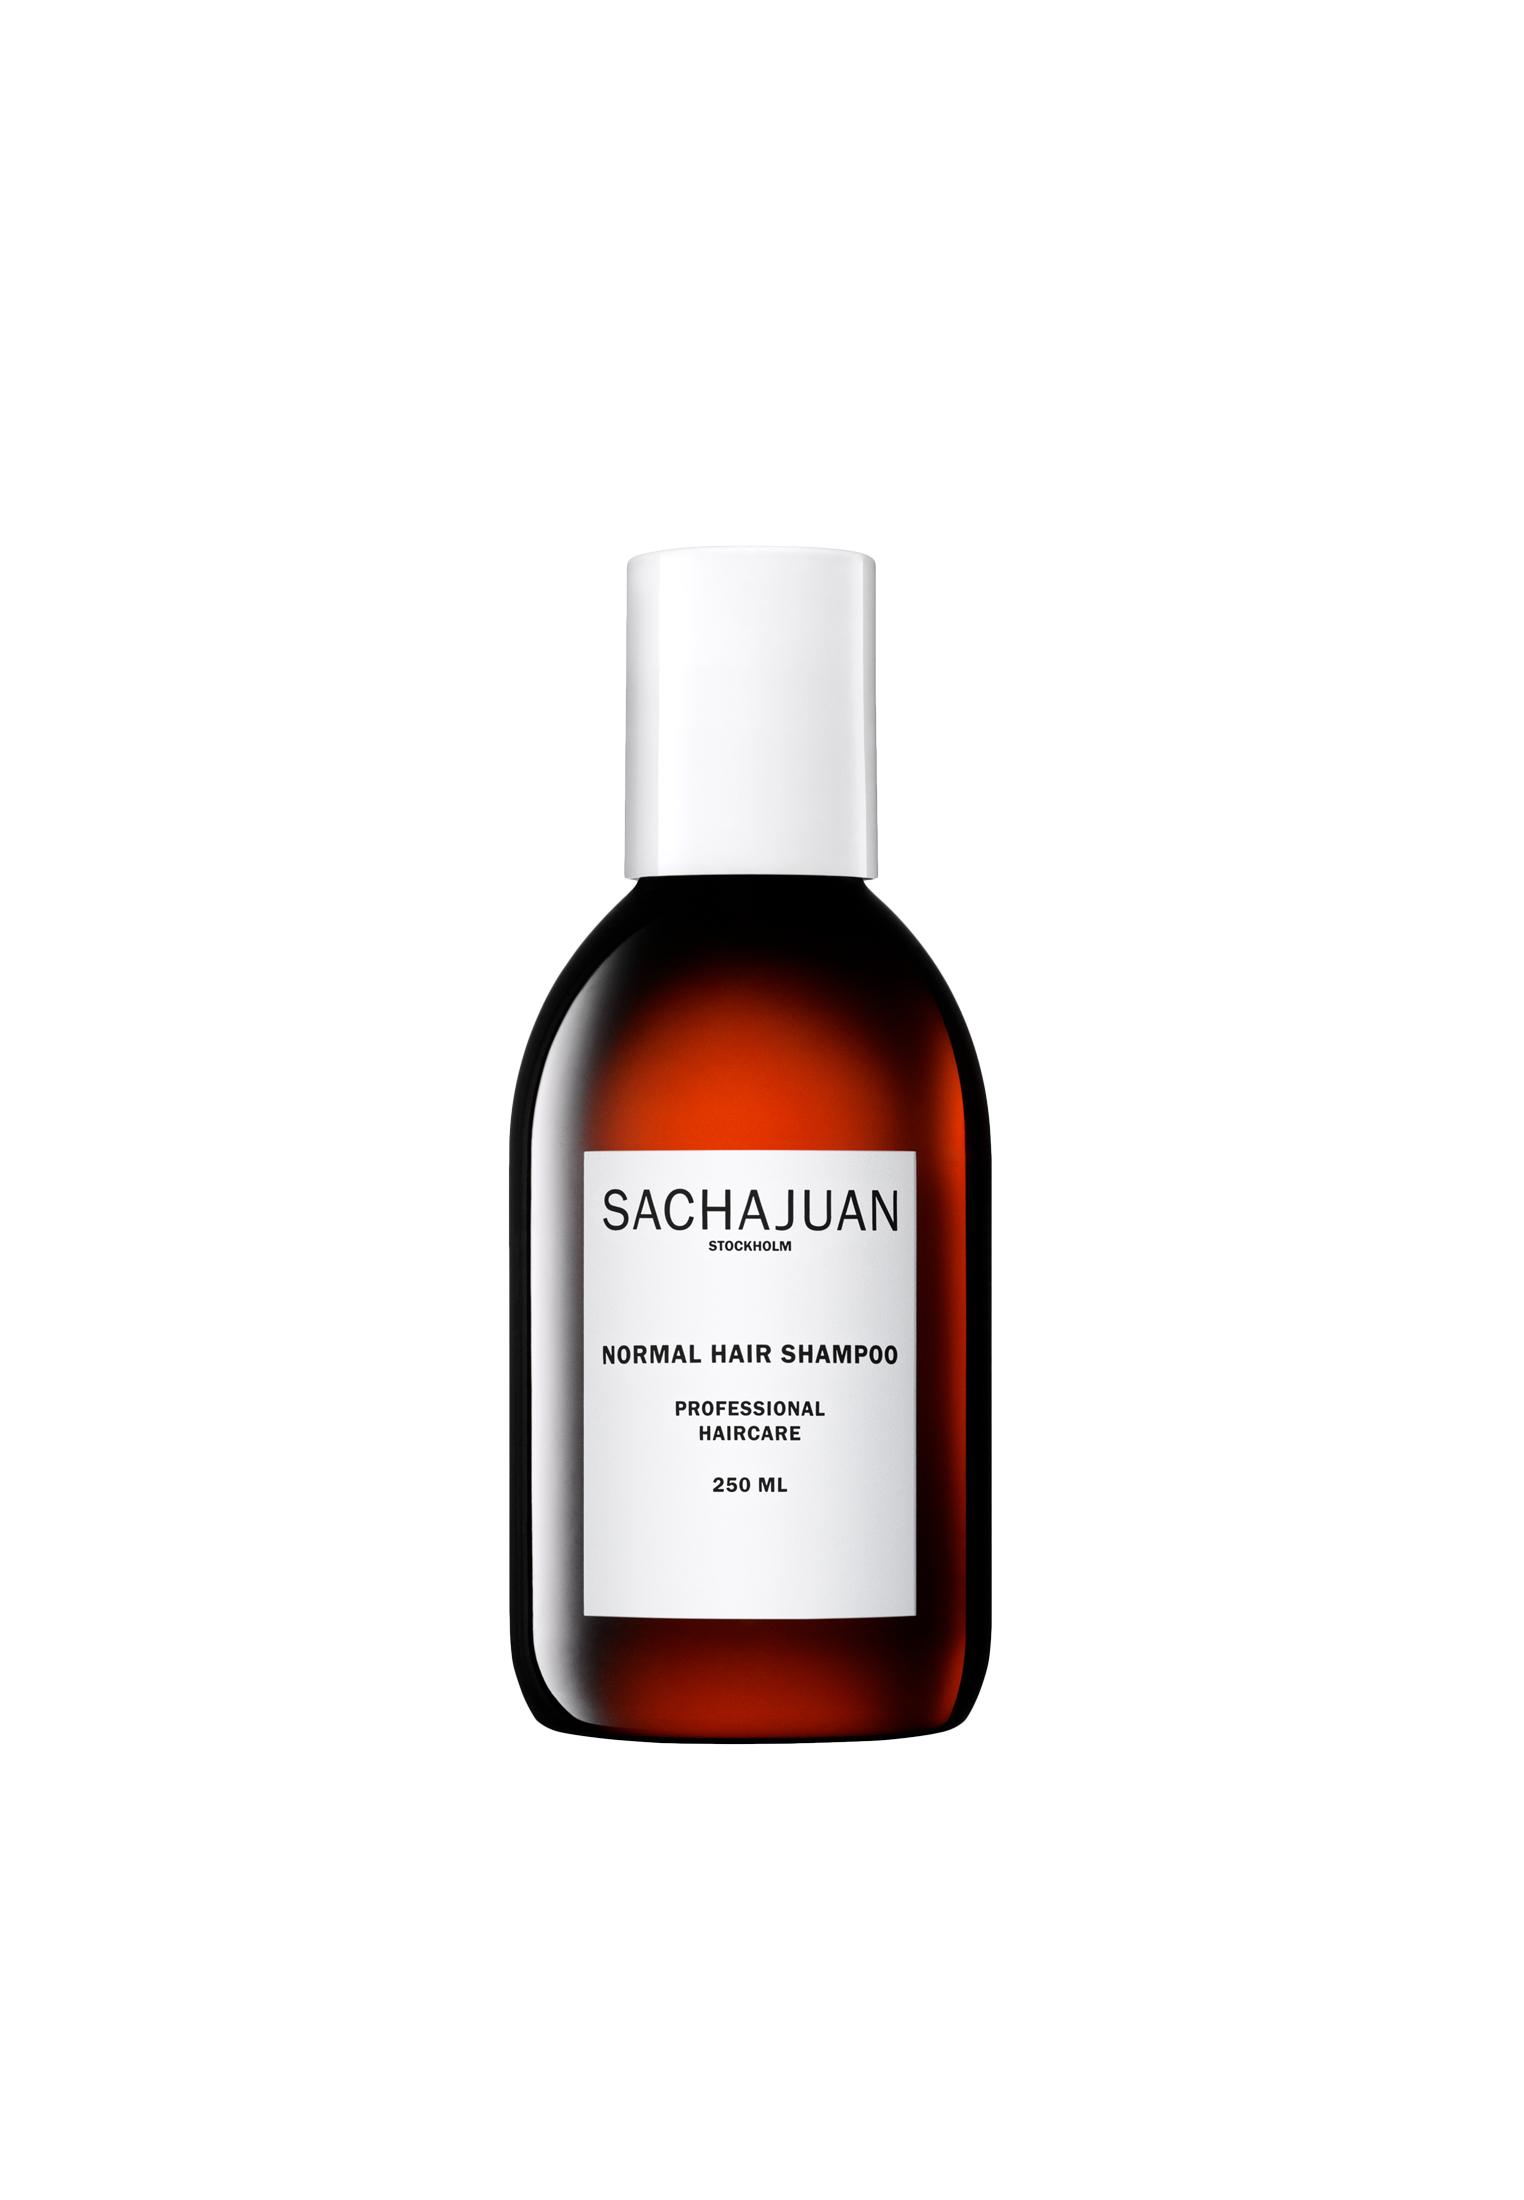 SACHAJUAN - Normal Hair Shampoo - 250 ml